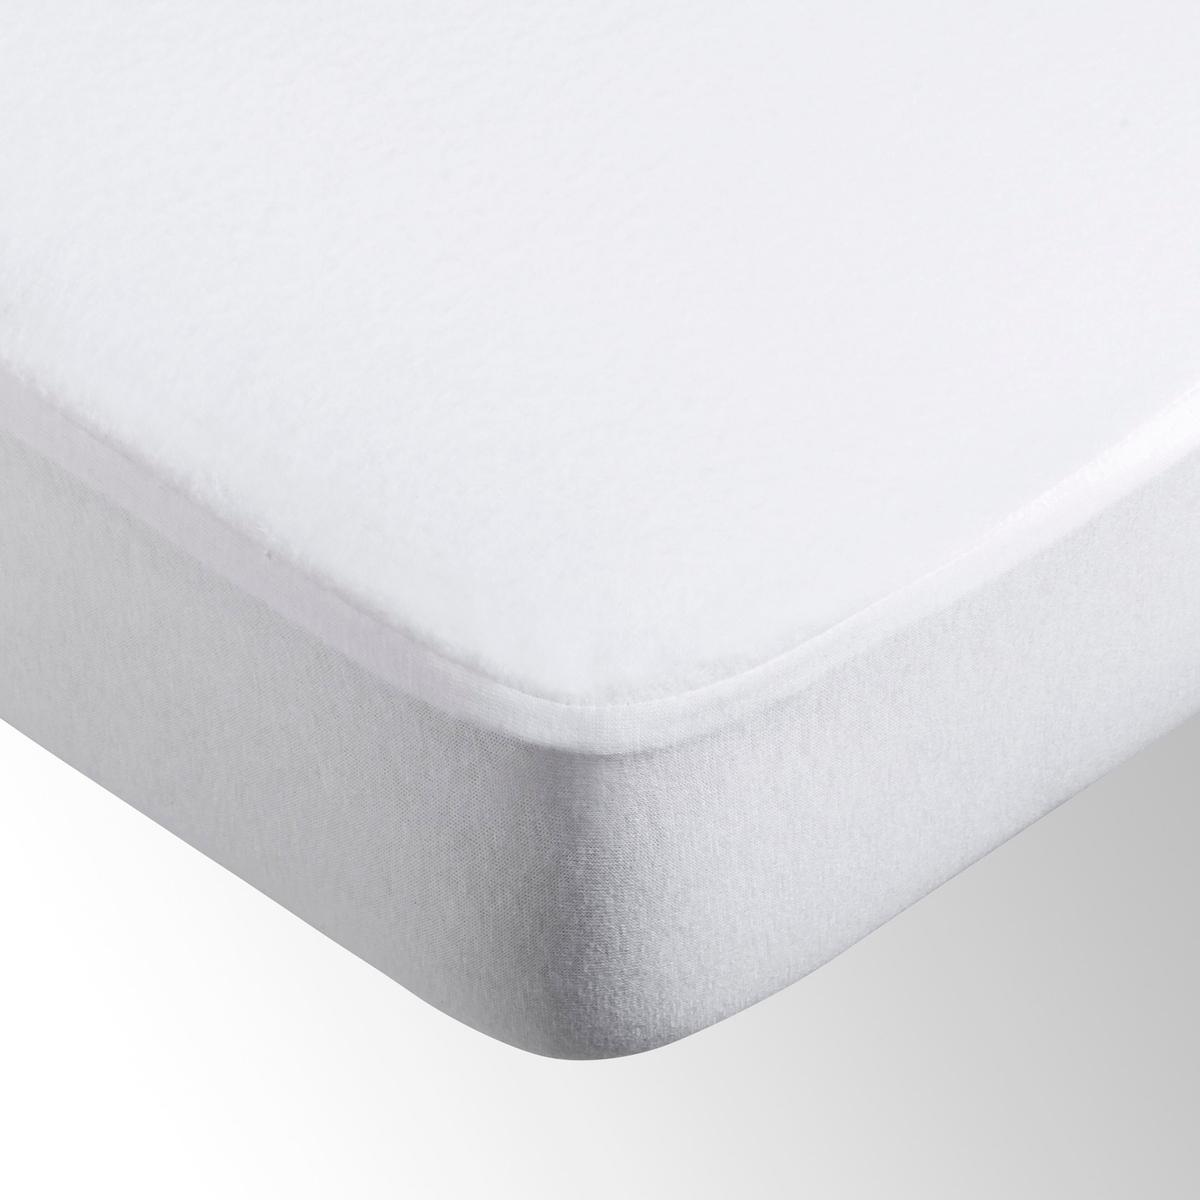 Чехол защитный для матраса непромокаемый из эластичной микрофибрыОчень удобный непромокаемый защитный чехол  для матраса из эластичной микрофибры поглощает потовыделения и защищает Ваше постельное белье от появления разводов.Непромокаемый защитный чехол для матраса из эластичной микрофибры: эластичный мольтон с начесом, 100% микроволокно полиэстера, покрыт полиуретановой пленкой, гарантирующей непромокаемость и дышащие свойства, 200г/м?. Микрофибра является прекрасным барьером для пыли и клещей.Клапан из джерси, 100% хлопок, 4 уголка (25 см).Стирка при температуре до 60°.Сертификат OEKO-TEX.<br><br>Цвет: белый